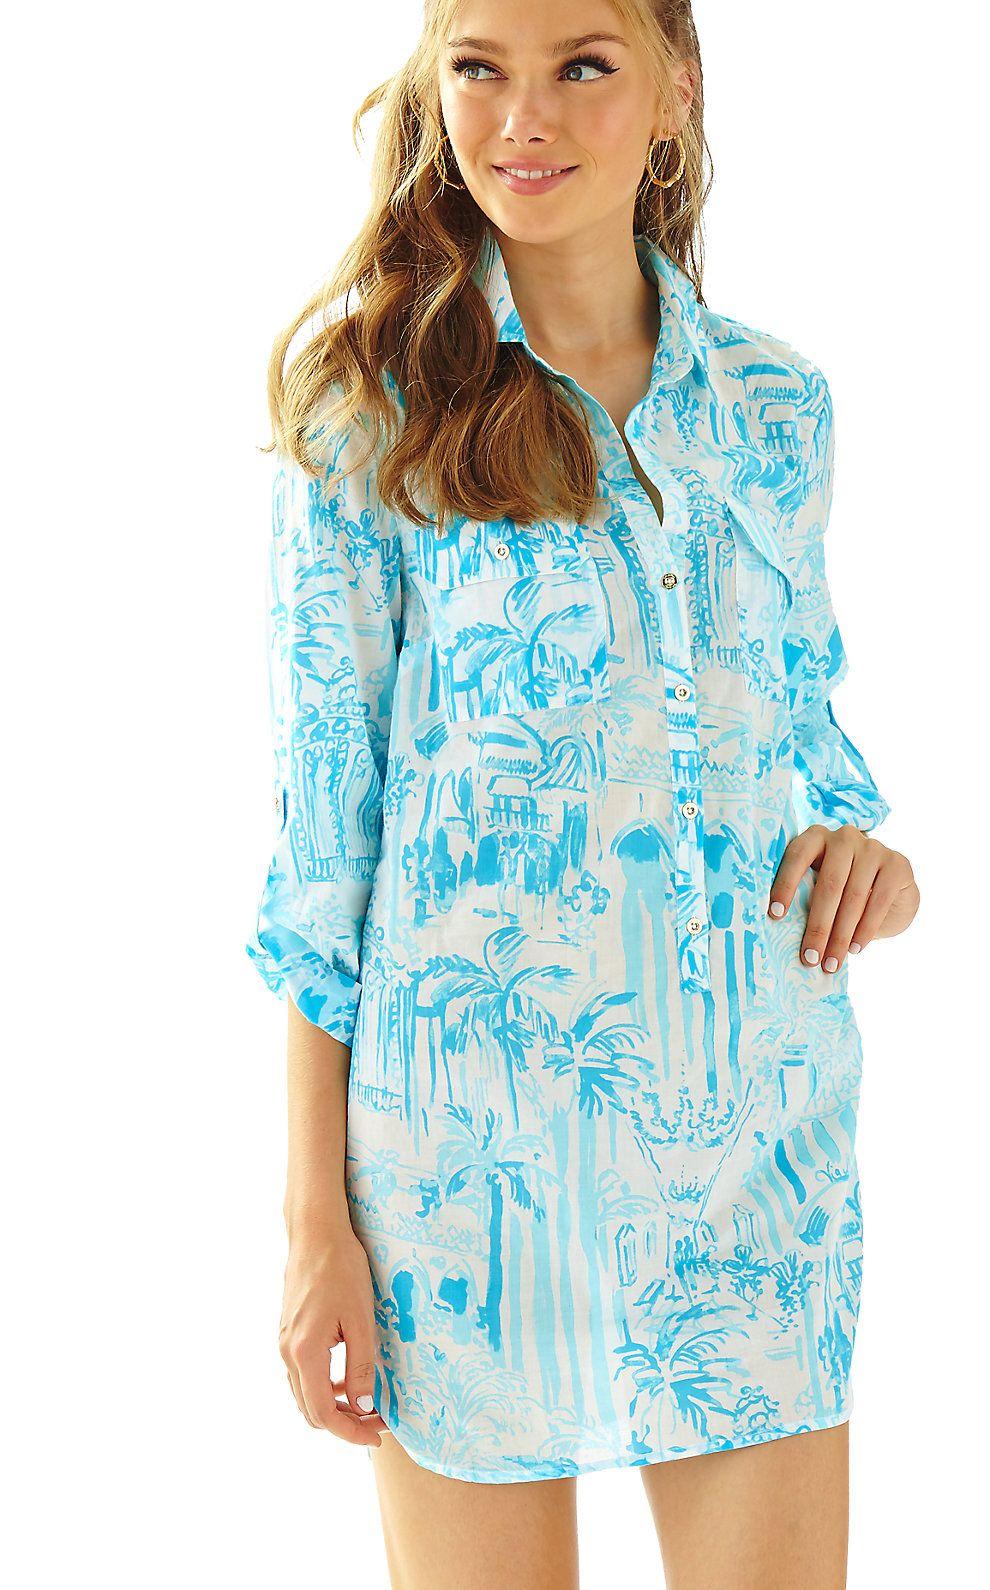 132b7e9ec1e Captiva Tunic Cover-Up Lily Pulitzer, Stretch Dress, Clothes, Dresses,  Fashion